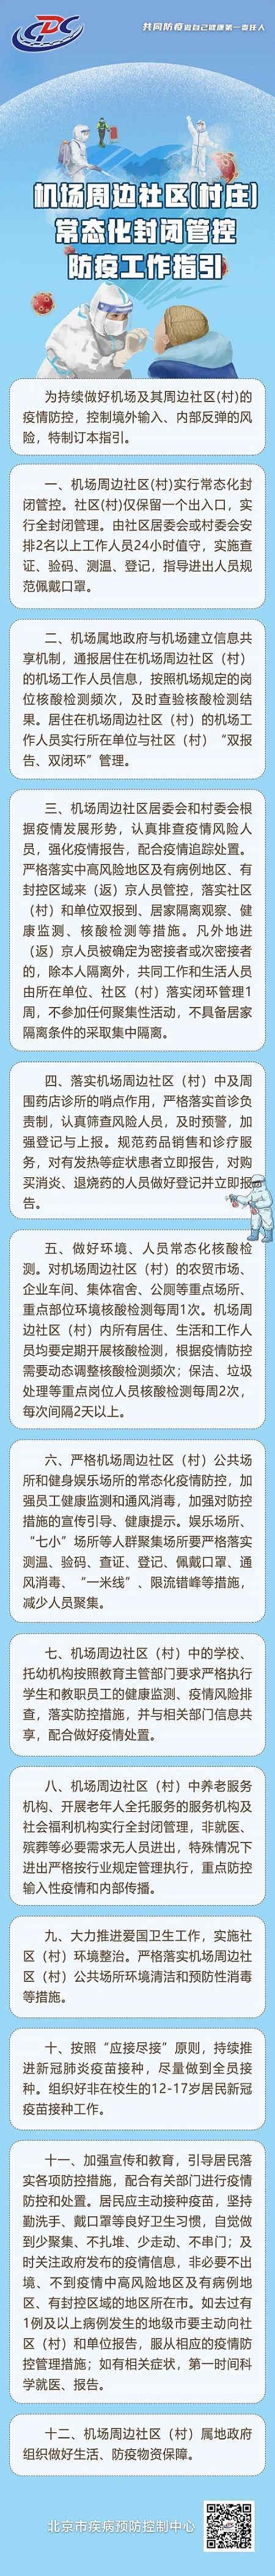 北京疾控中心:机场周边社区(村)仅保留一个出入口 实行全封闭管理